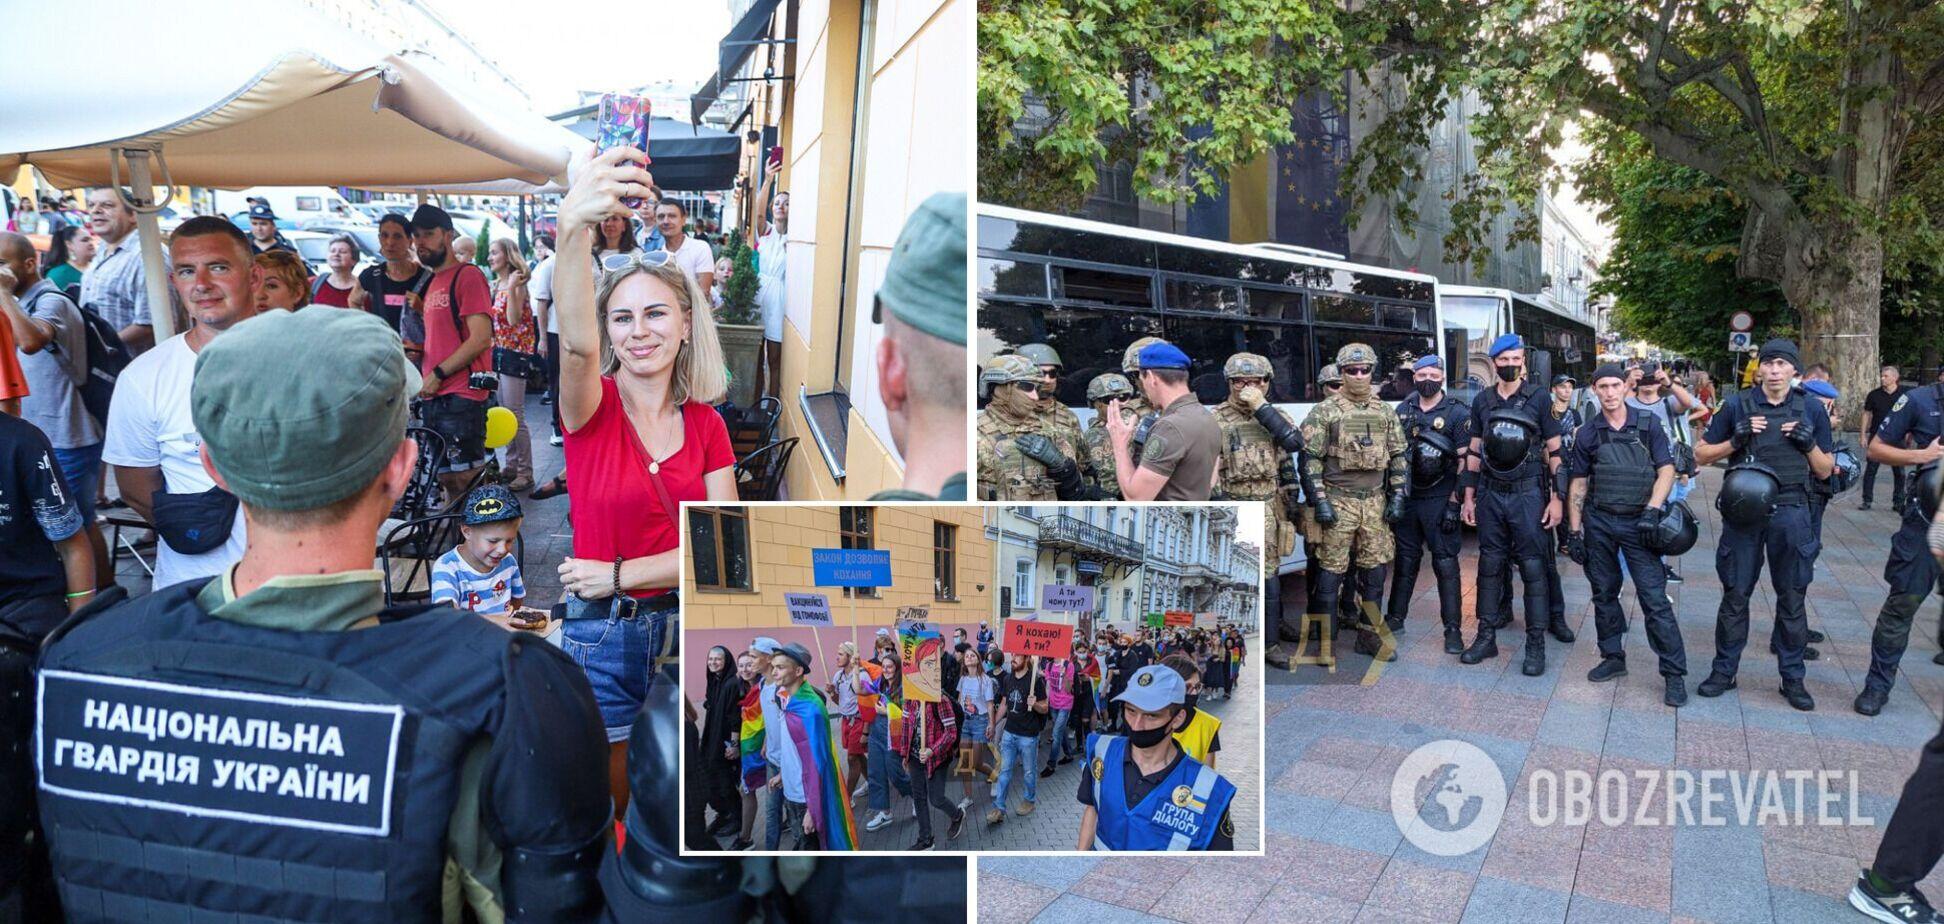 Акция в Одессе 28 августа